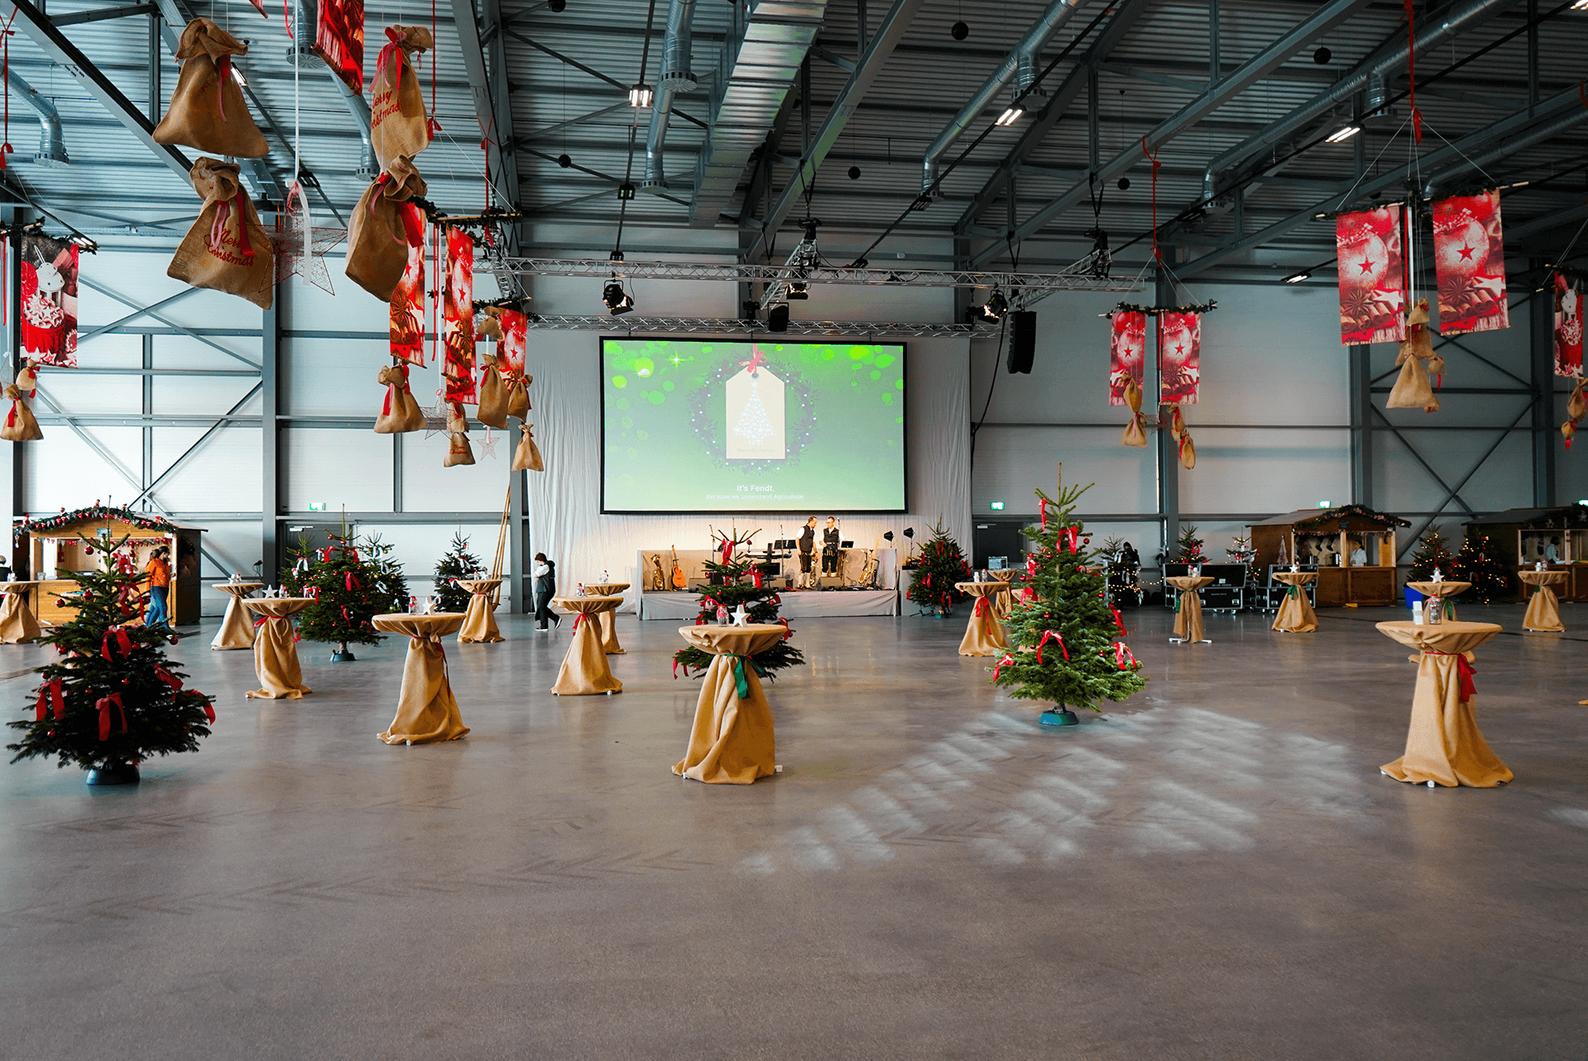 Fendt_AGCO_Weihnachtsmarkt_2019_1.png